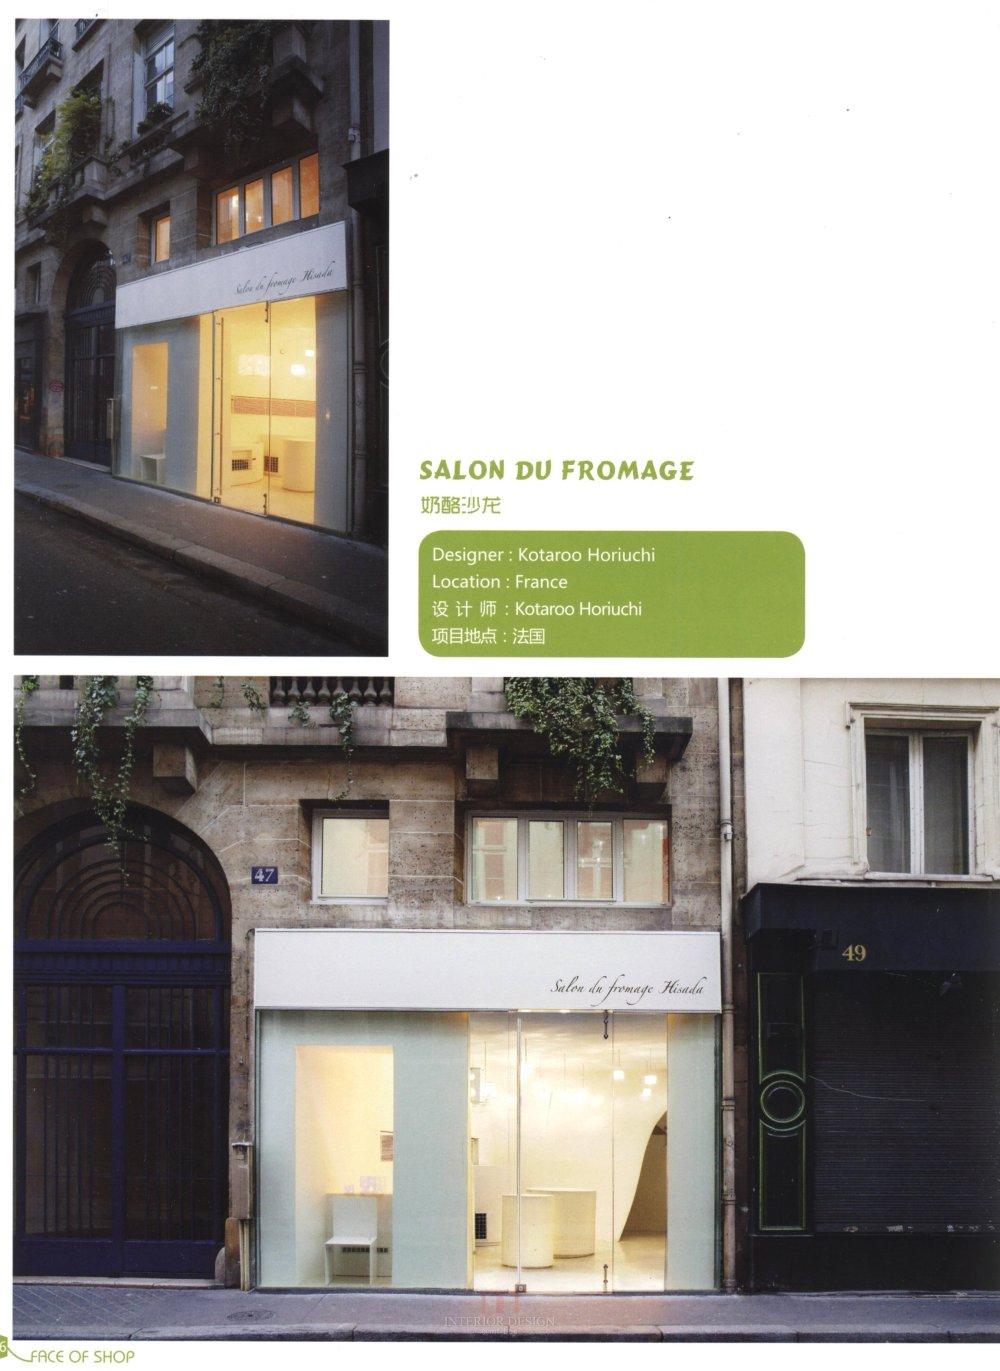 商业店铺、门头设计_kebi 0319.jpg